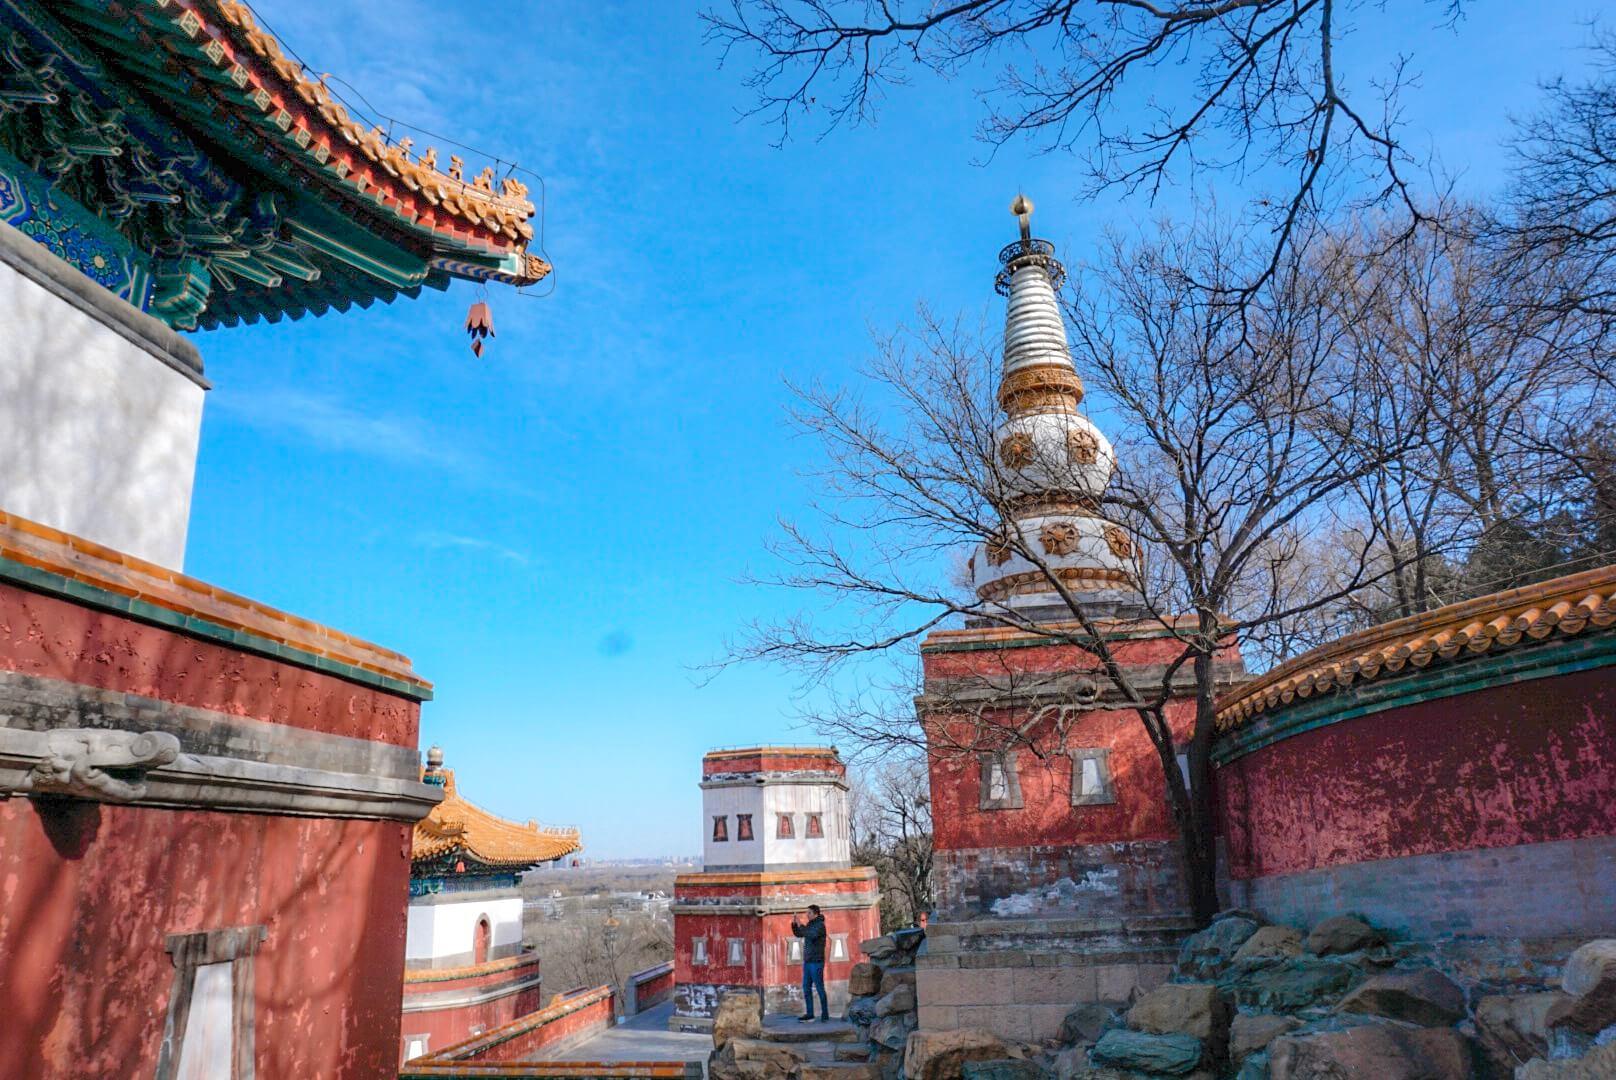 visiter le palais d'été à pékin chine